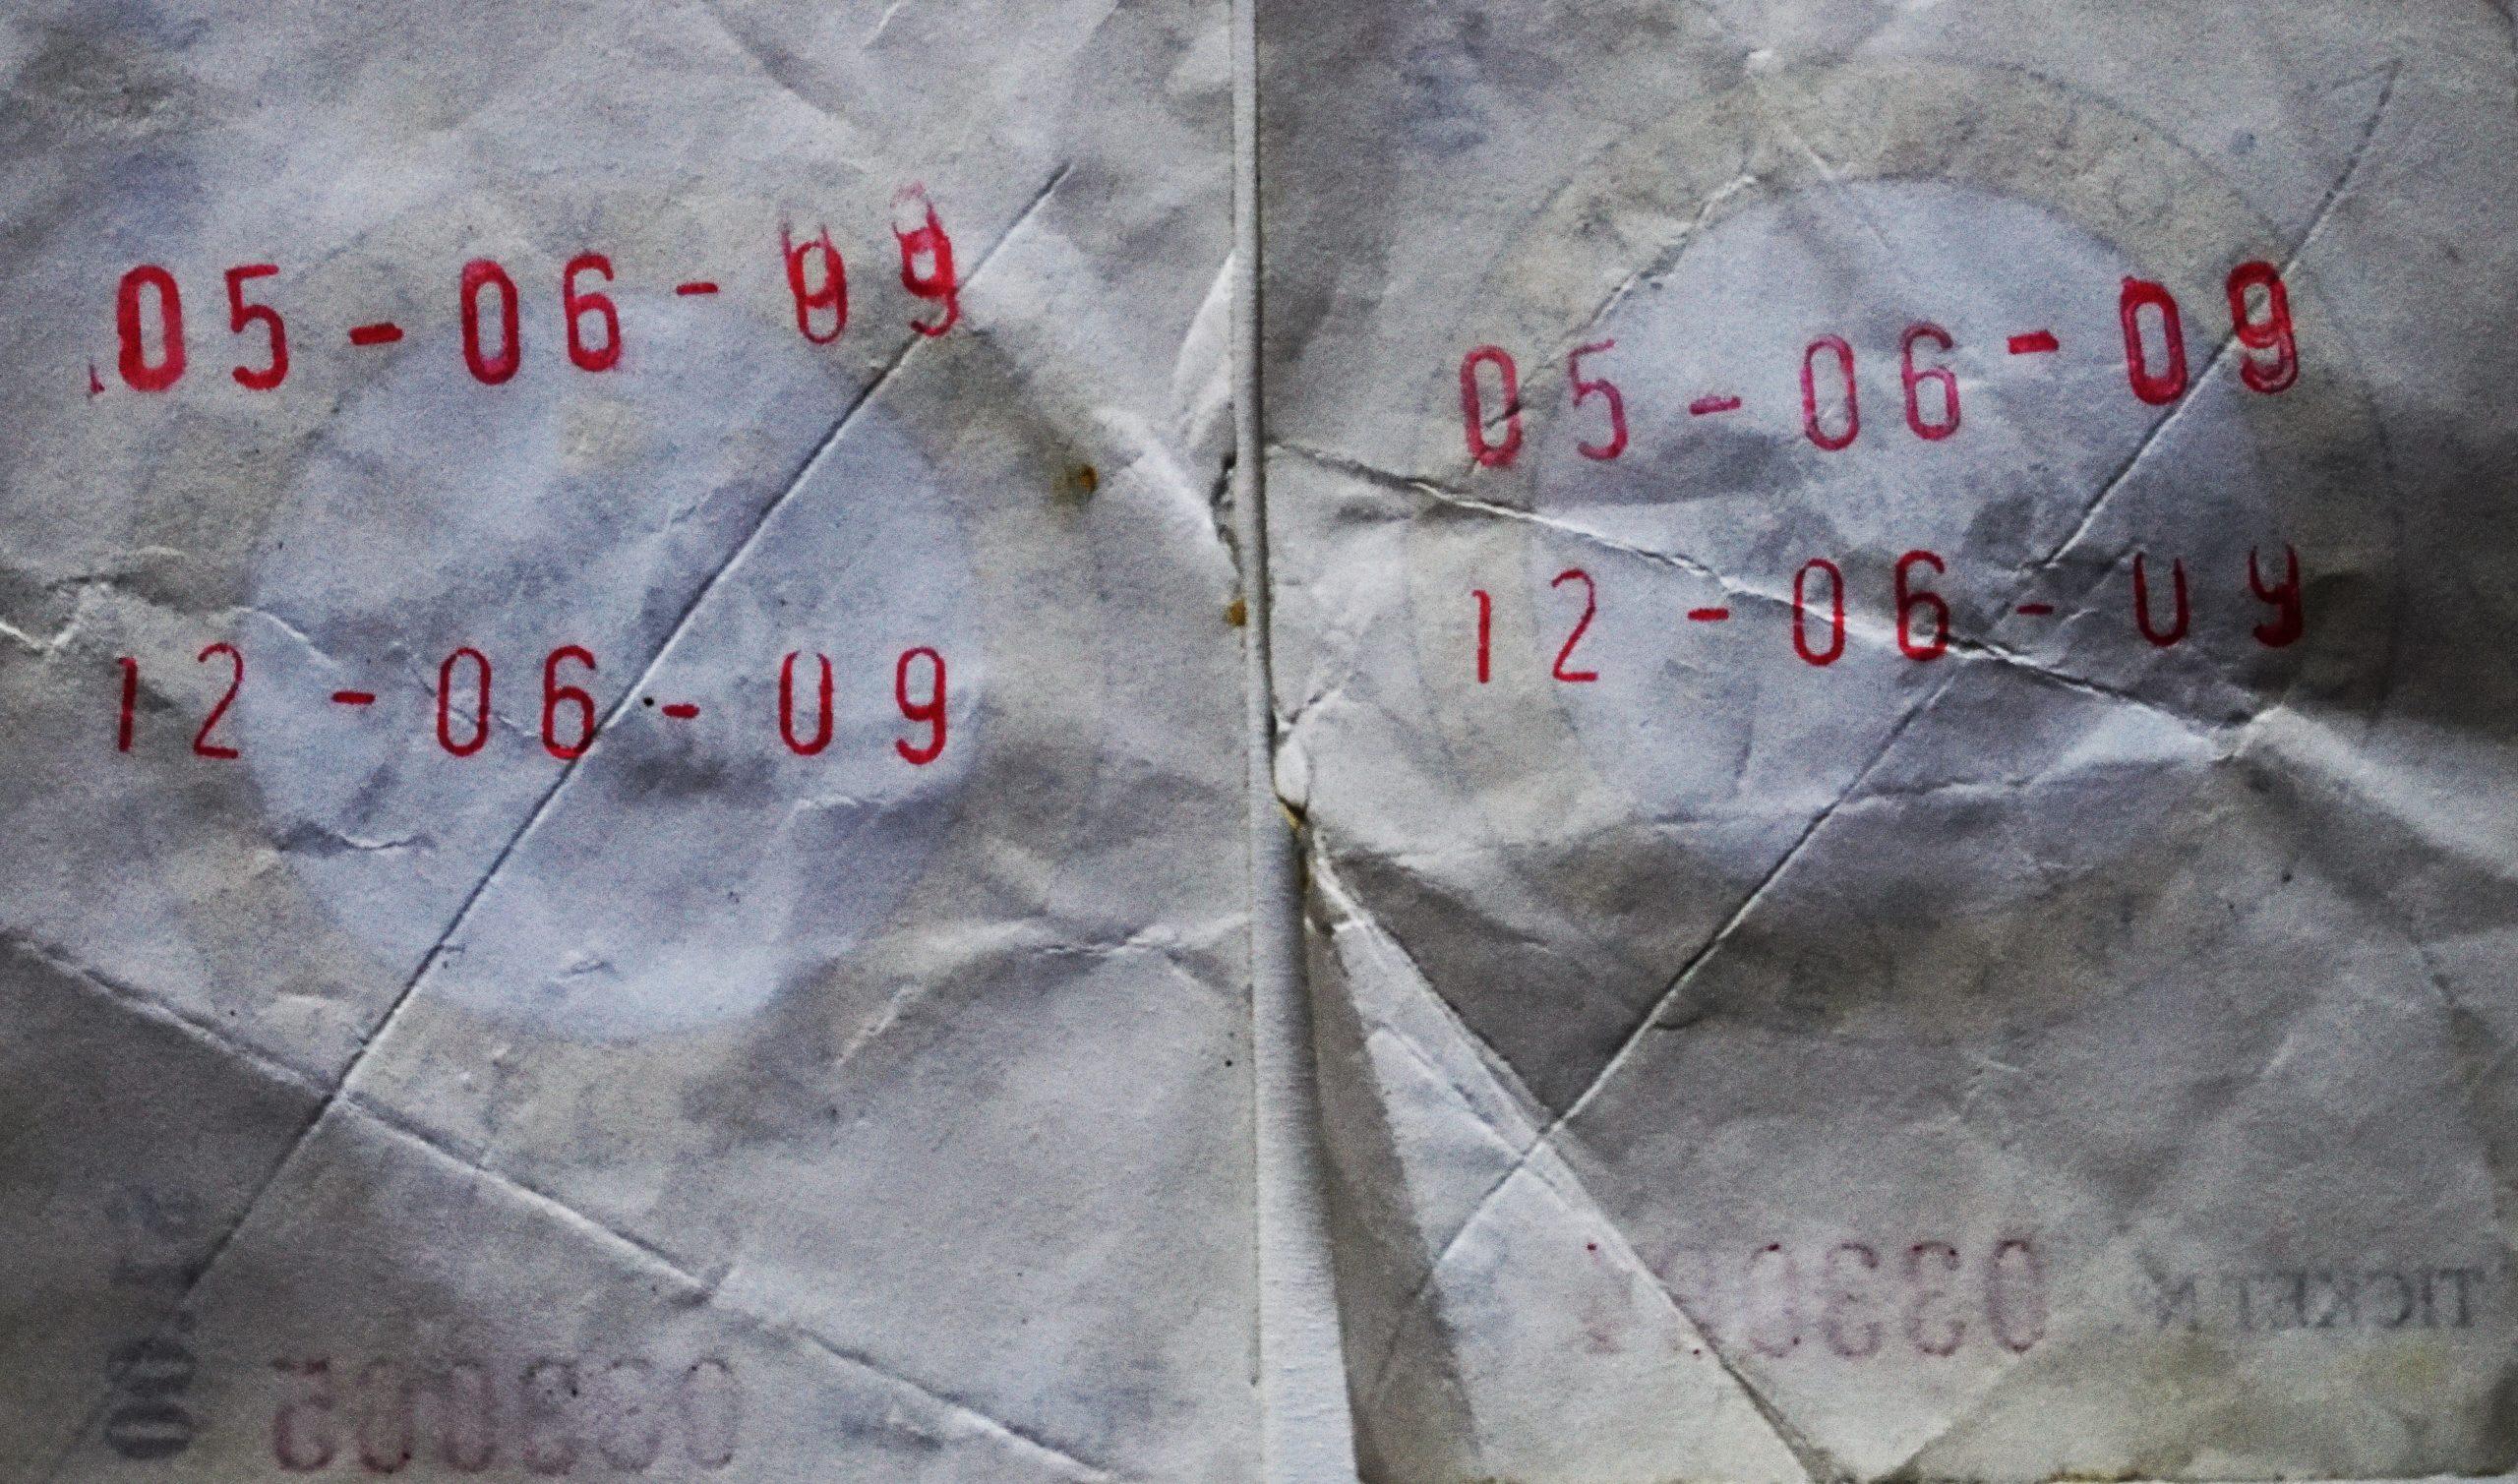 Die Rückseite der Lose mit dem Datum der Ziehung